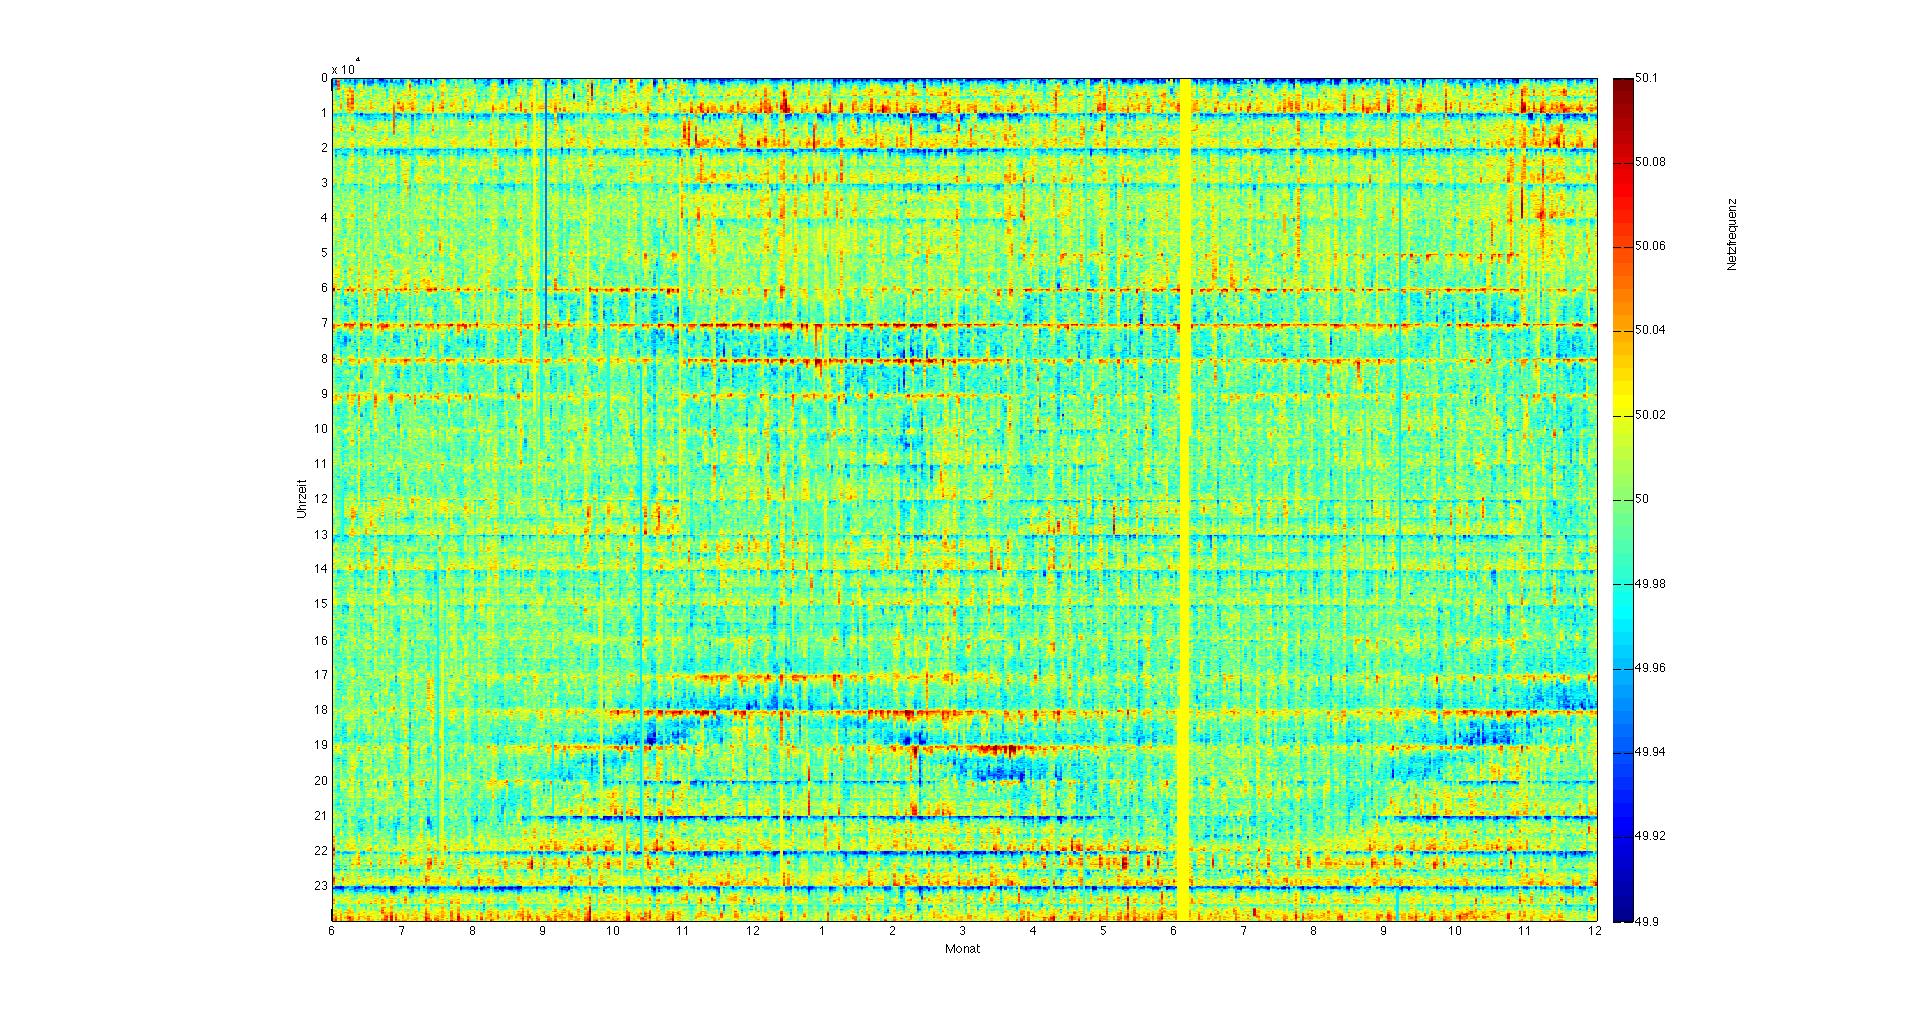 Netzfrequenz Juni 2011 bis November 2012